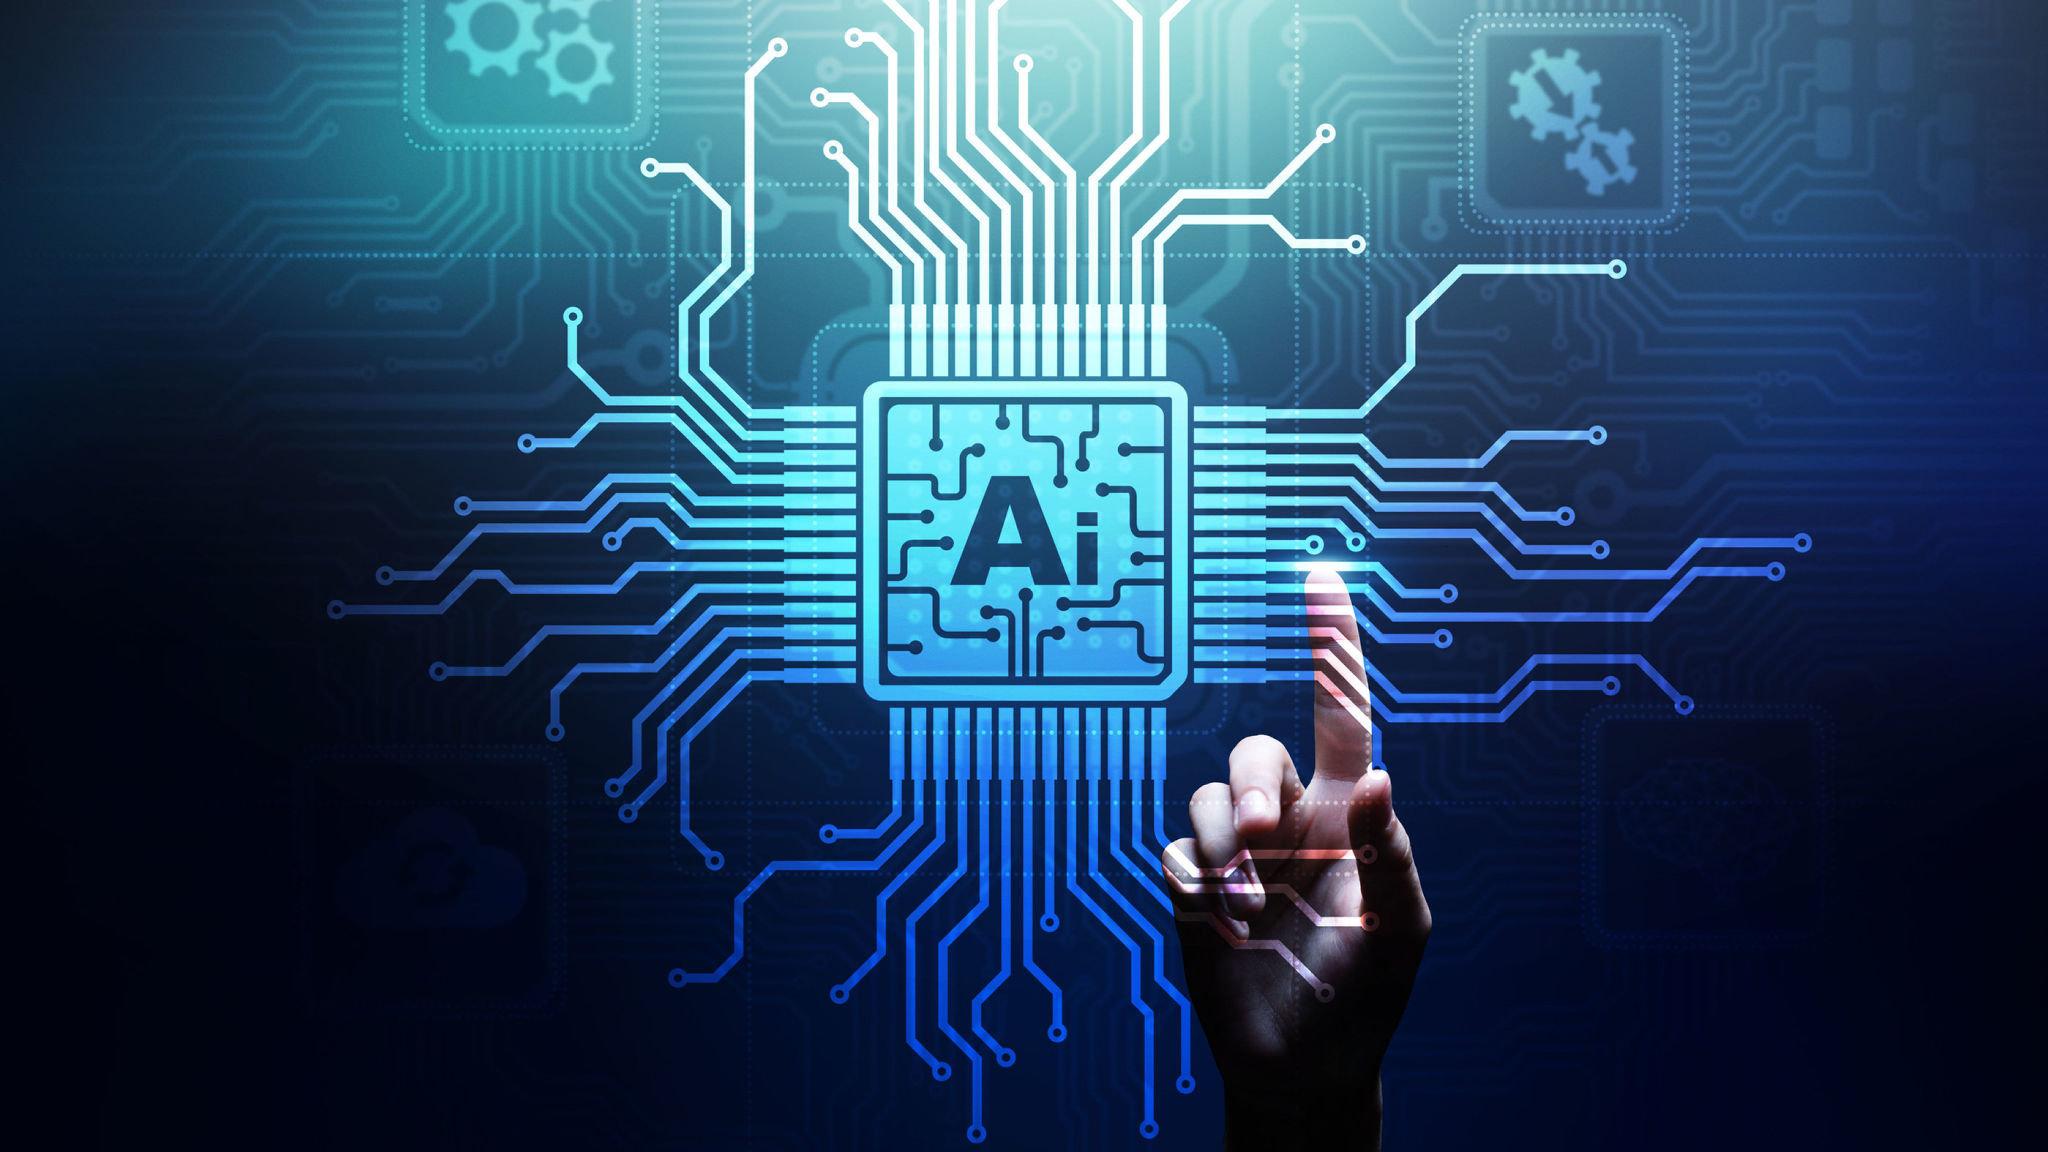 چالش های به کارگیری هوش مصنوعی در سازمان ها و کسب و کارها